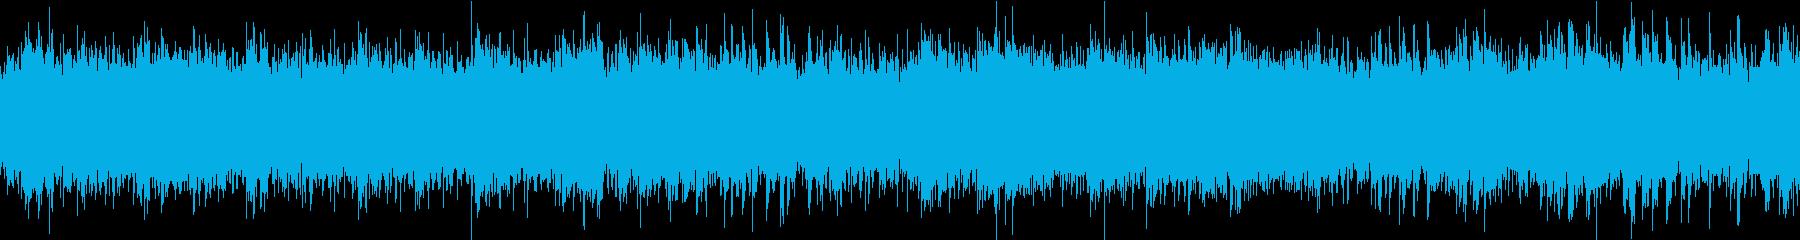 おだやかキラキラ/ループの再生済みの波形